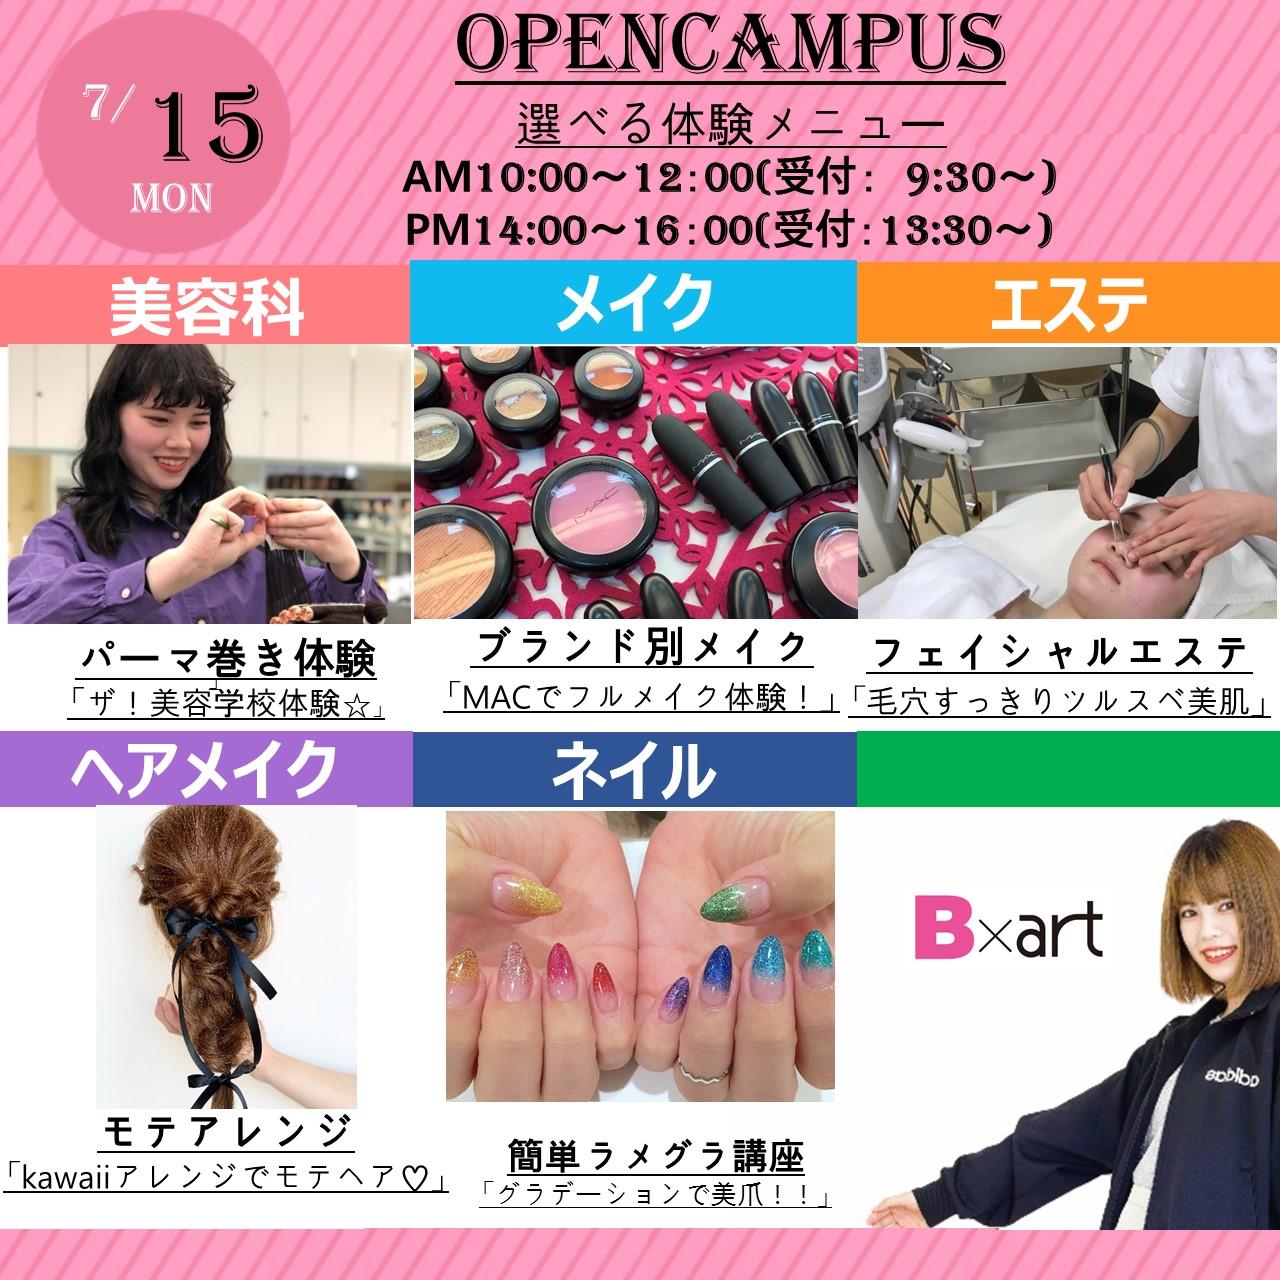 7月15日イベカレ用PPT フォーマット - 横VER.jpg